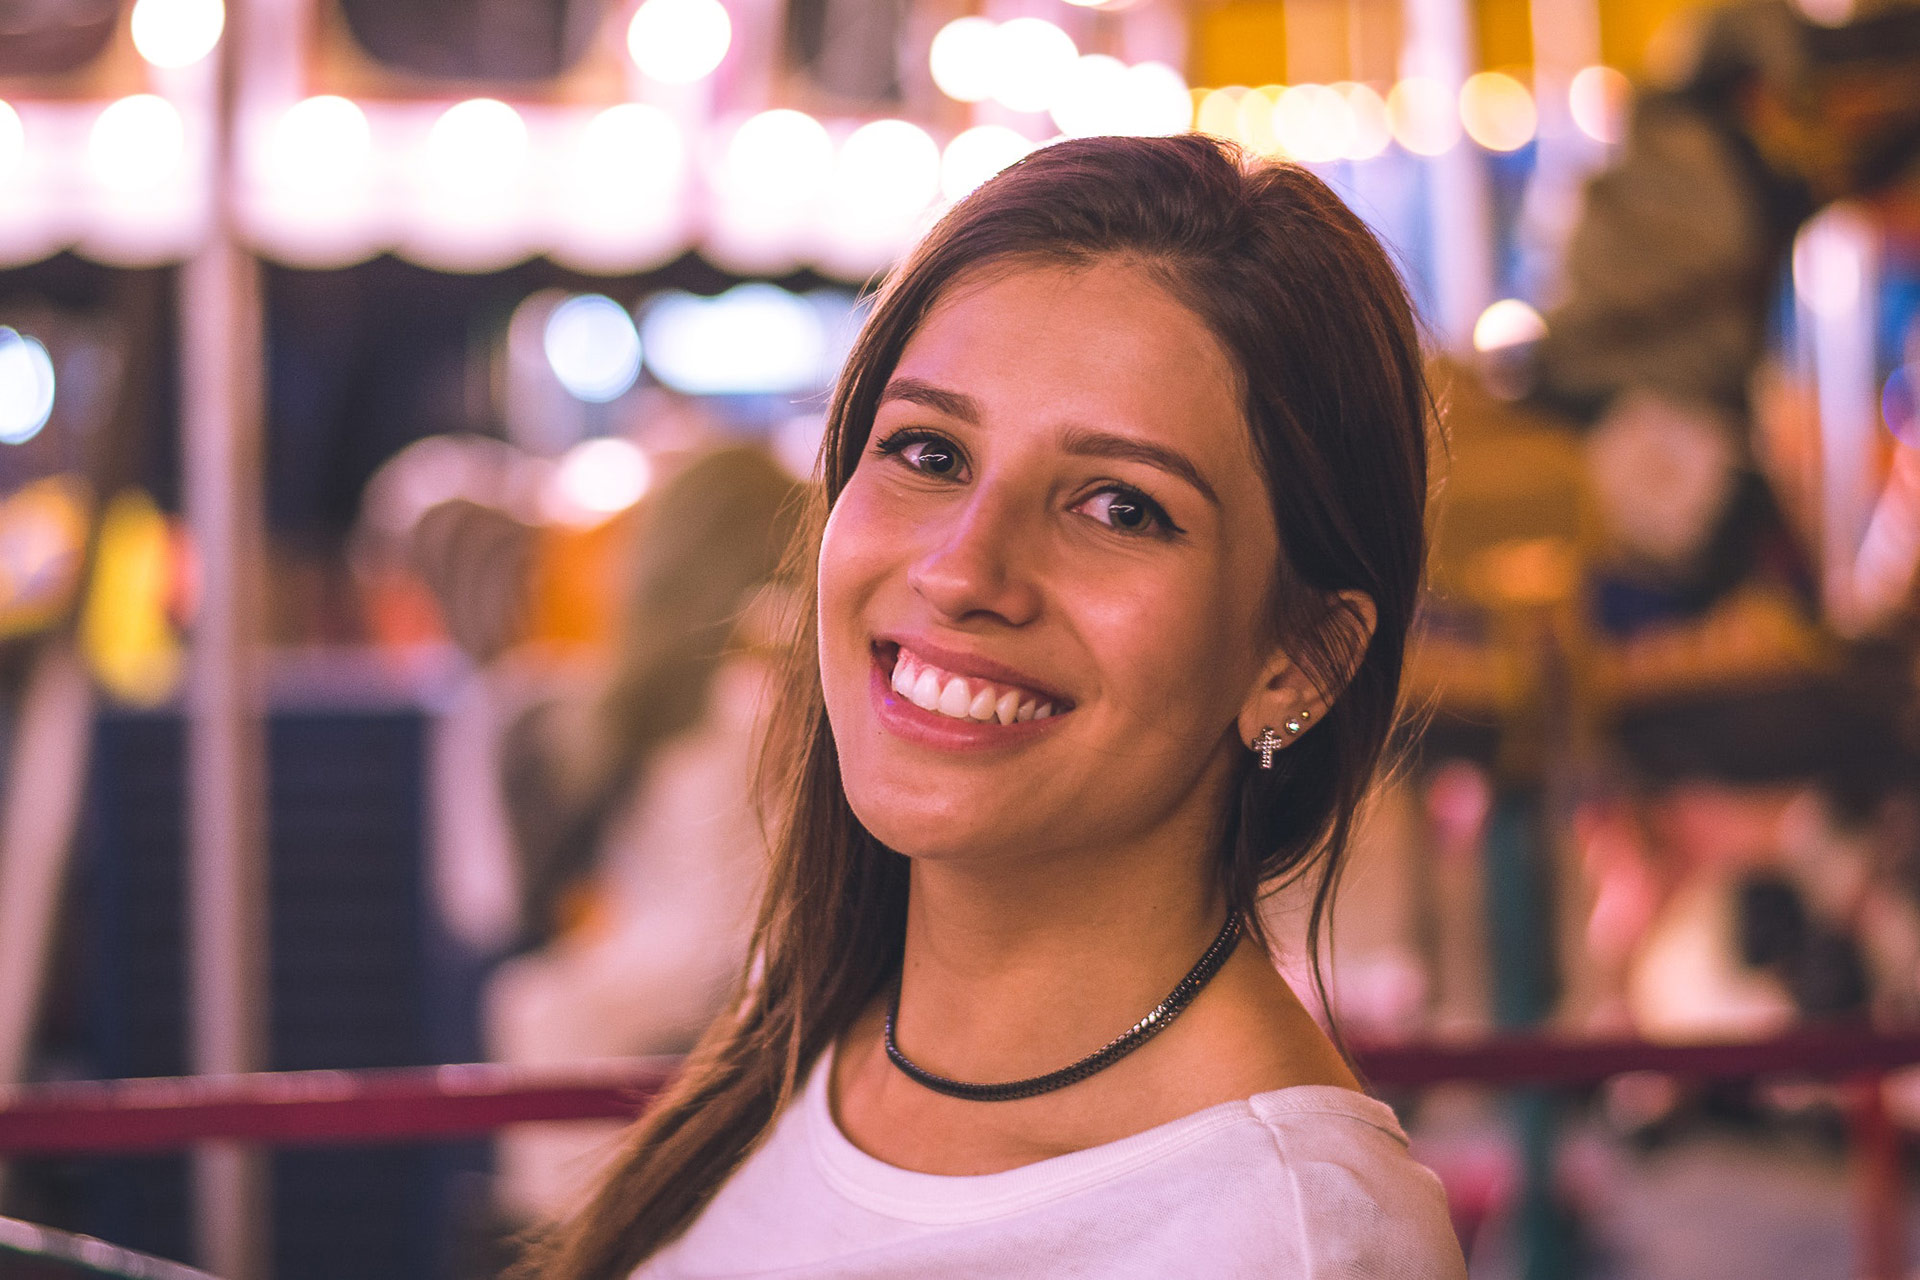 zdrowy, biały uśmiech